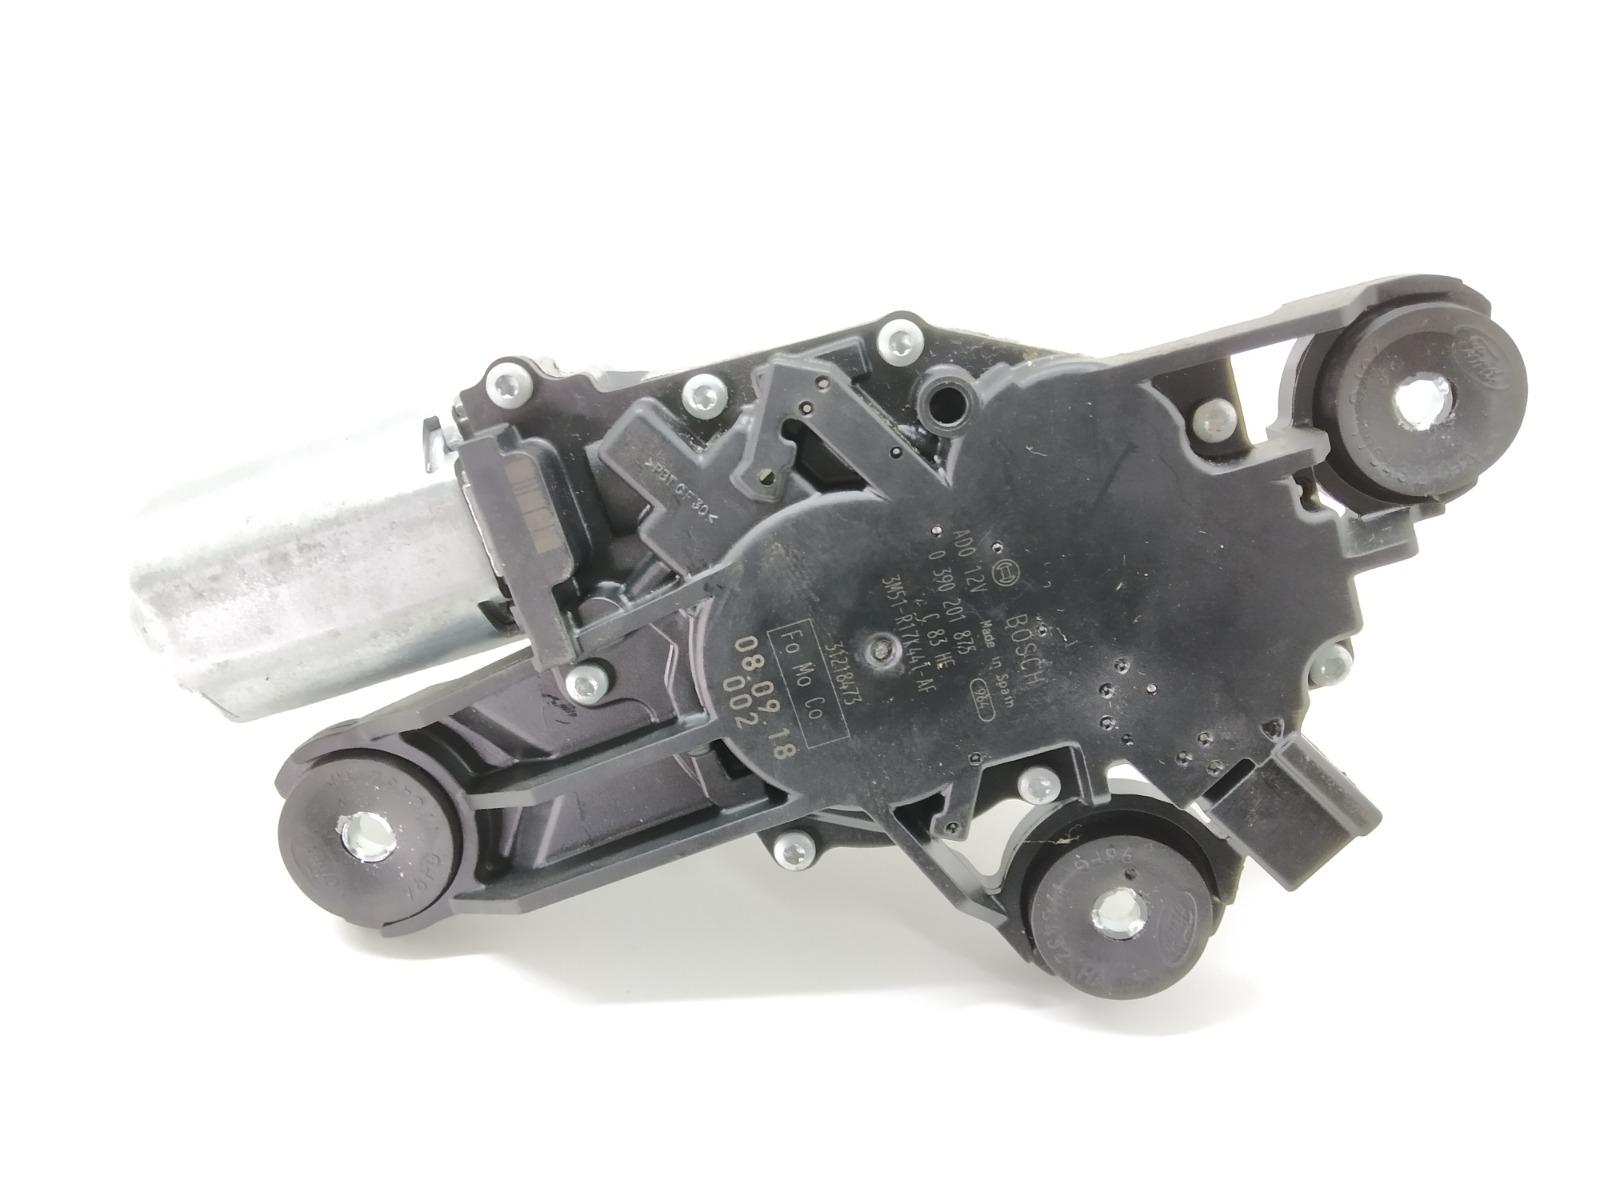 Моторчик заднего стеклоочистителя (дворника) Ford Focus 1.6 TDCI 2008 (б/у)